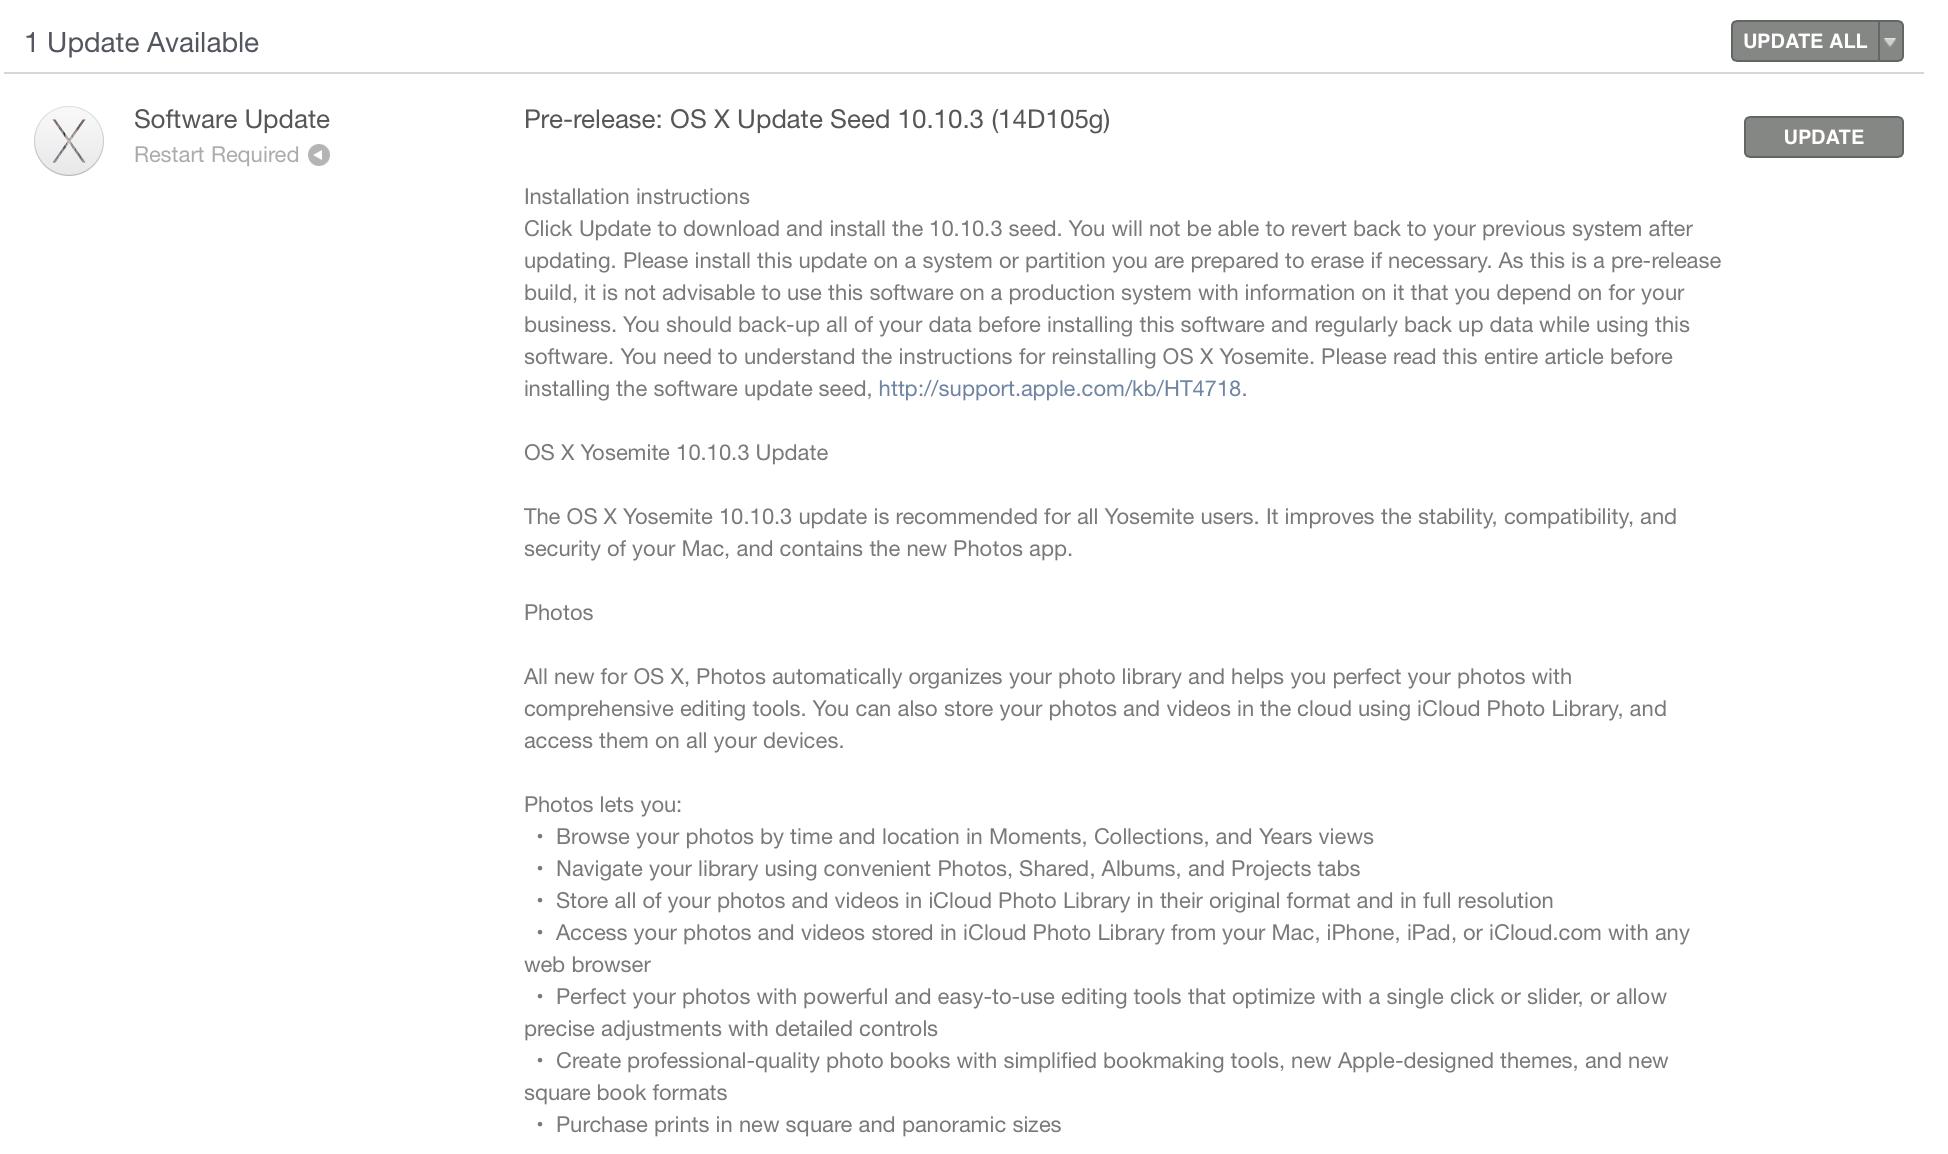 beta di OS X 10.10.3